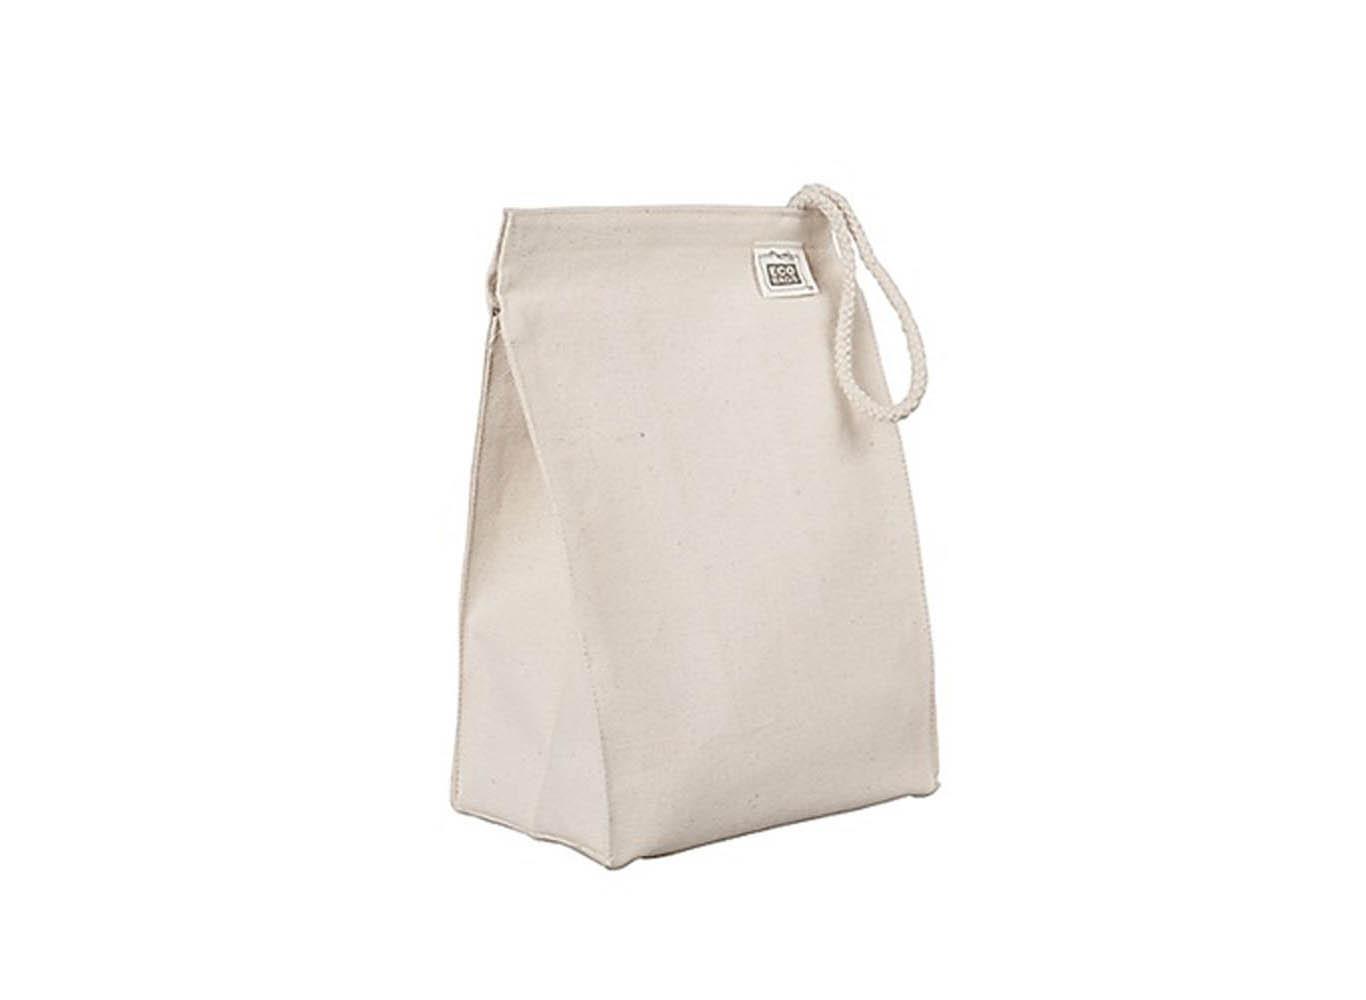 Custom Printed Cotton Canvas Takeaway Lunch Bag w/ Rope Loop Handle